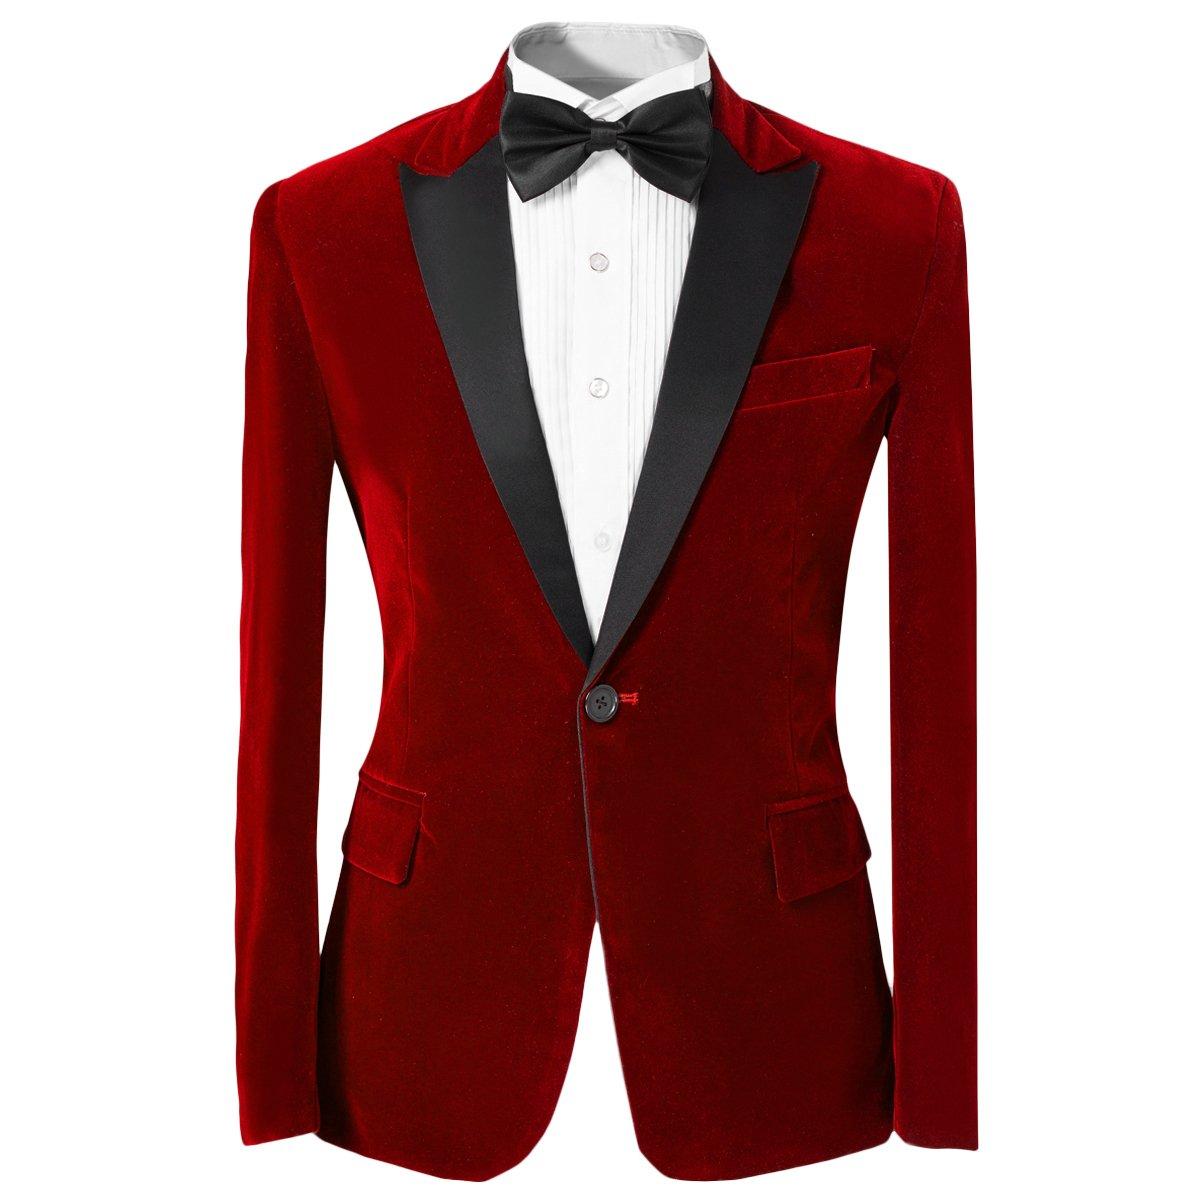 Cloudstyle Mens 2-Piece Suit Peaked Lapel One Button Tuxedo Slim Fit Dinner Jacket & Pants WT009